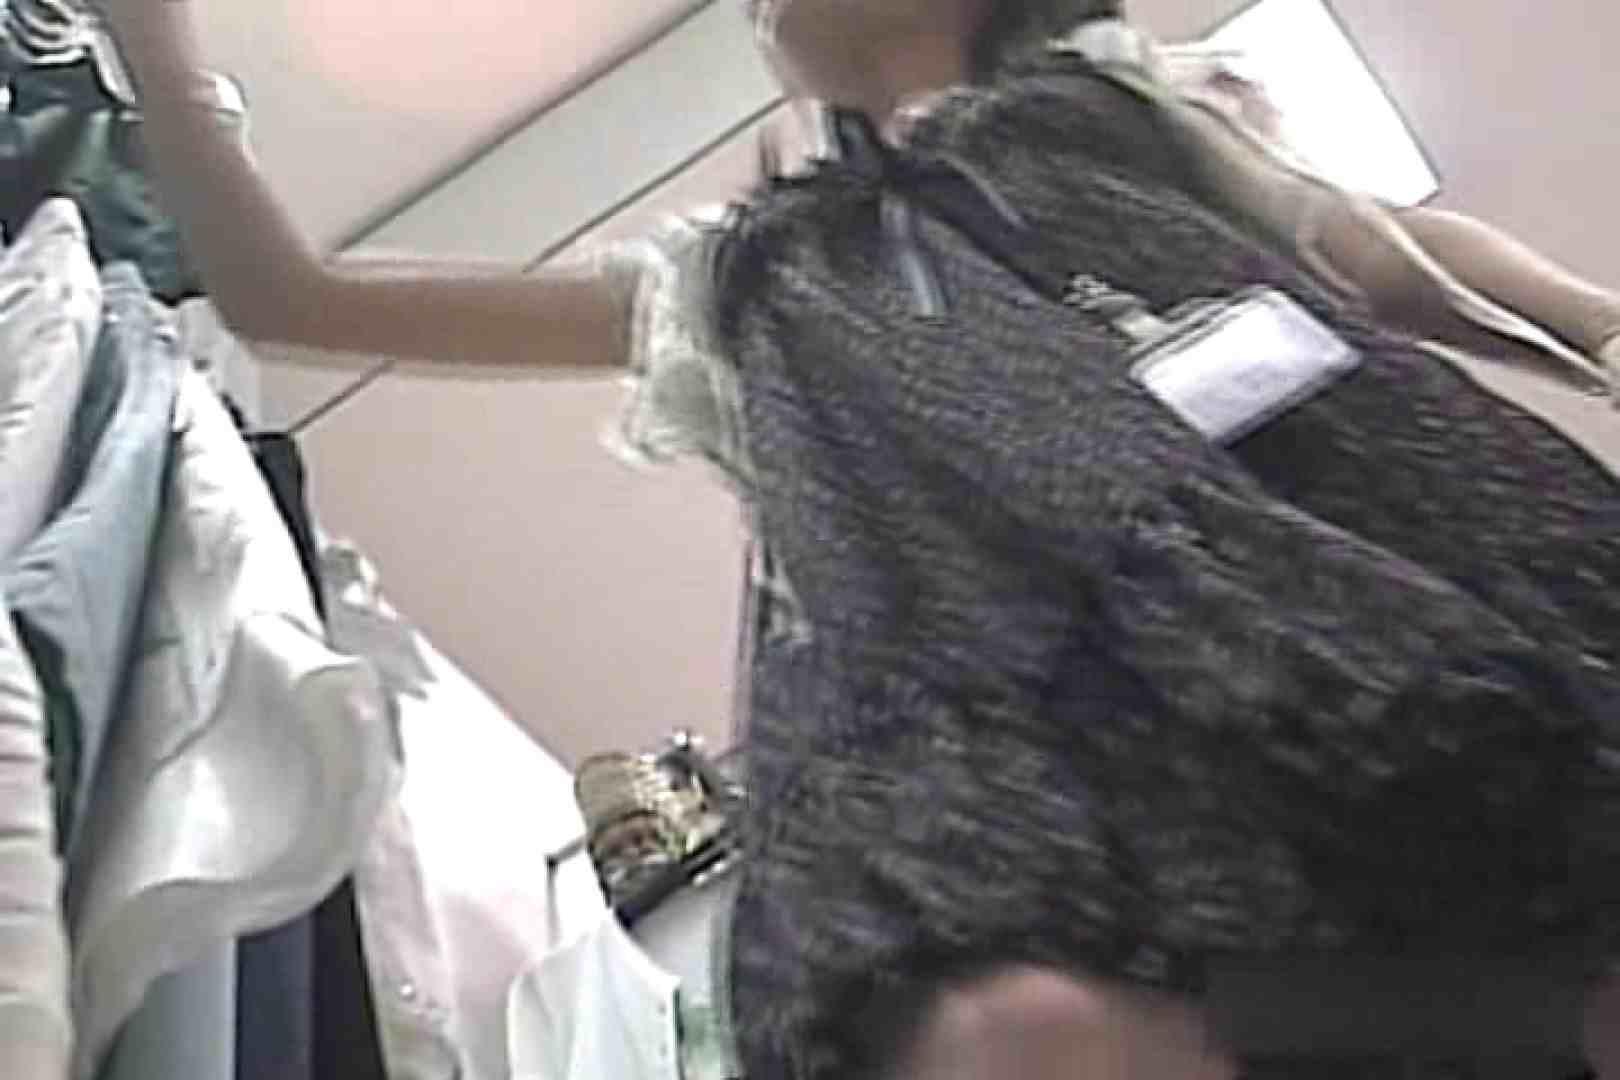 ショップ店員のパンチラアクシデント Vol.20 チラ見せヌード AV動画キャプチャ 109画像 43